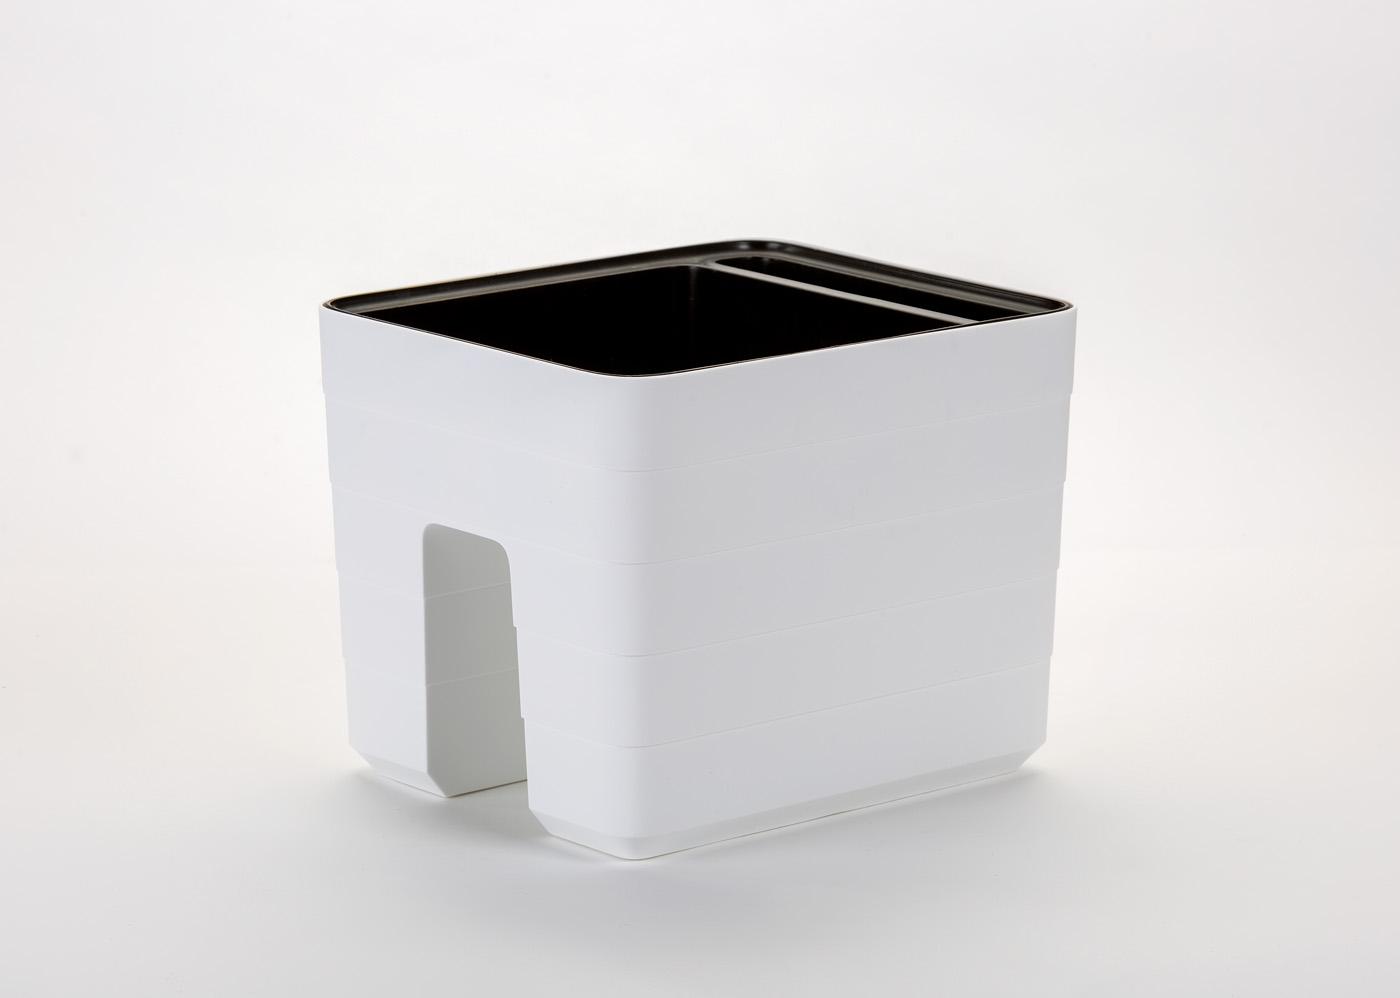 Samozavlažovací truhlík na zábradlí Berberis 30x26 cm, bílá